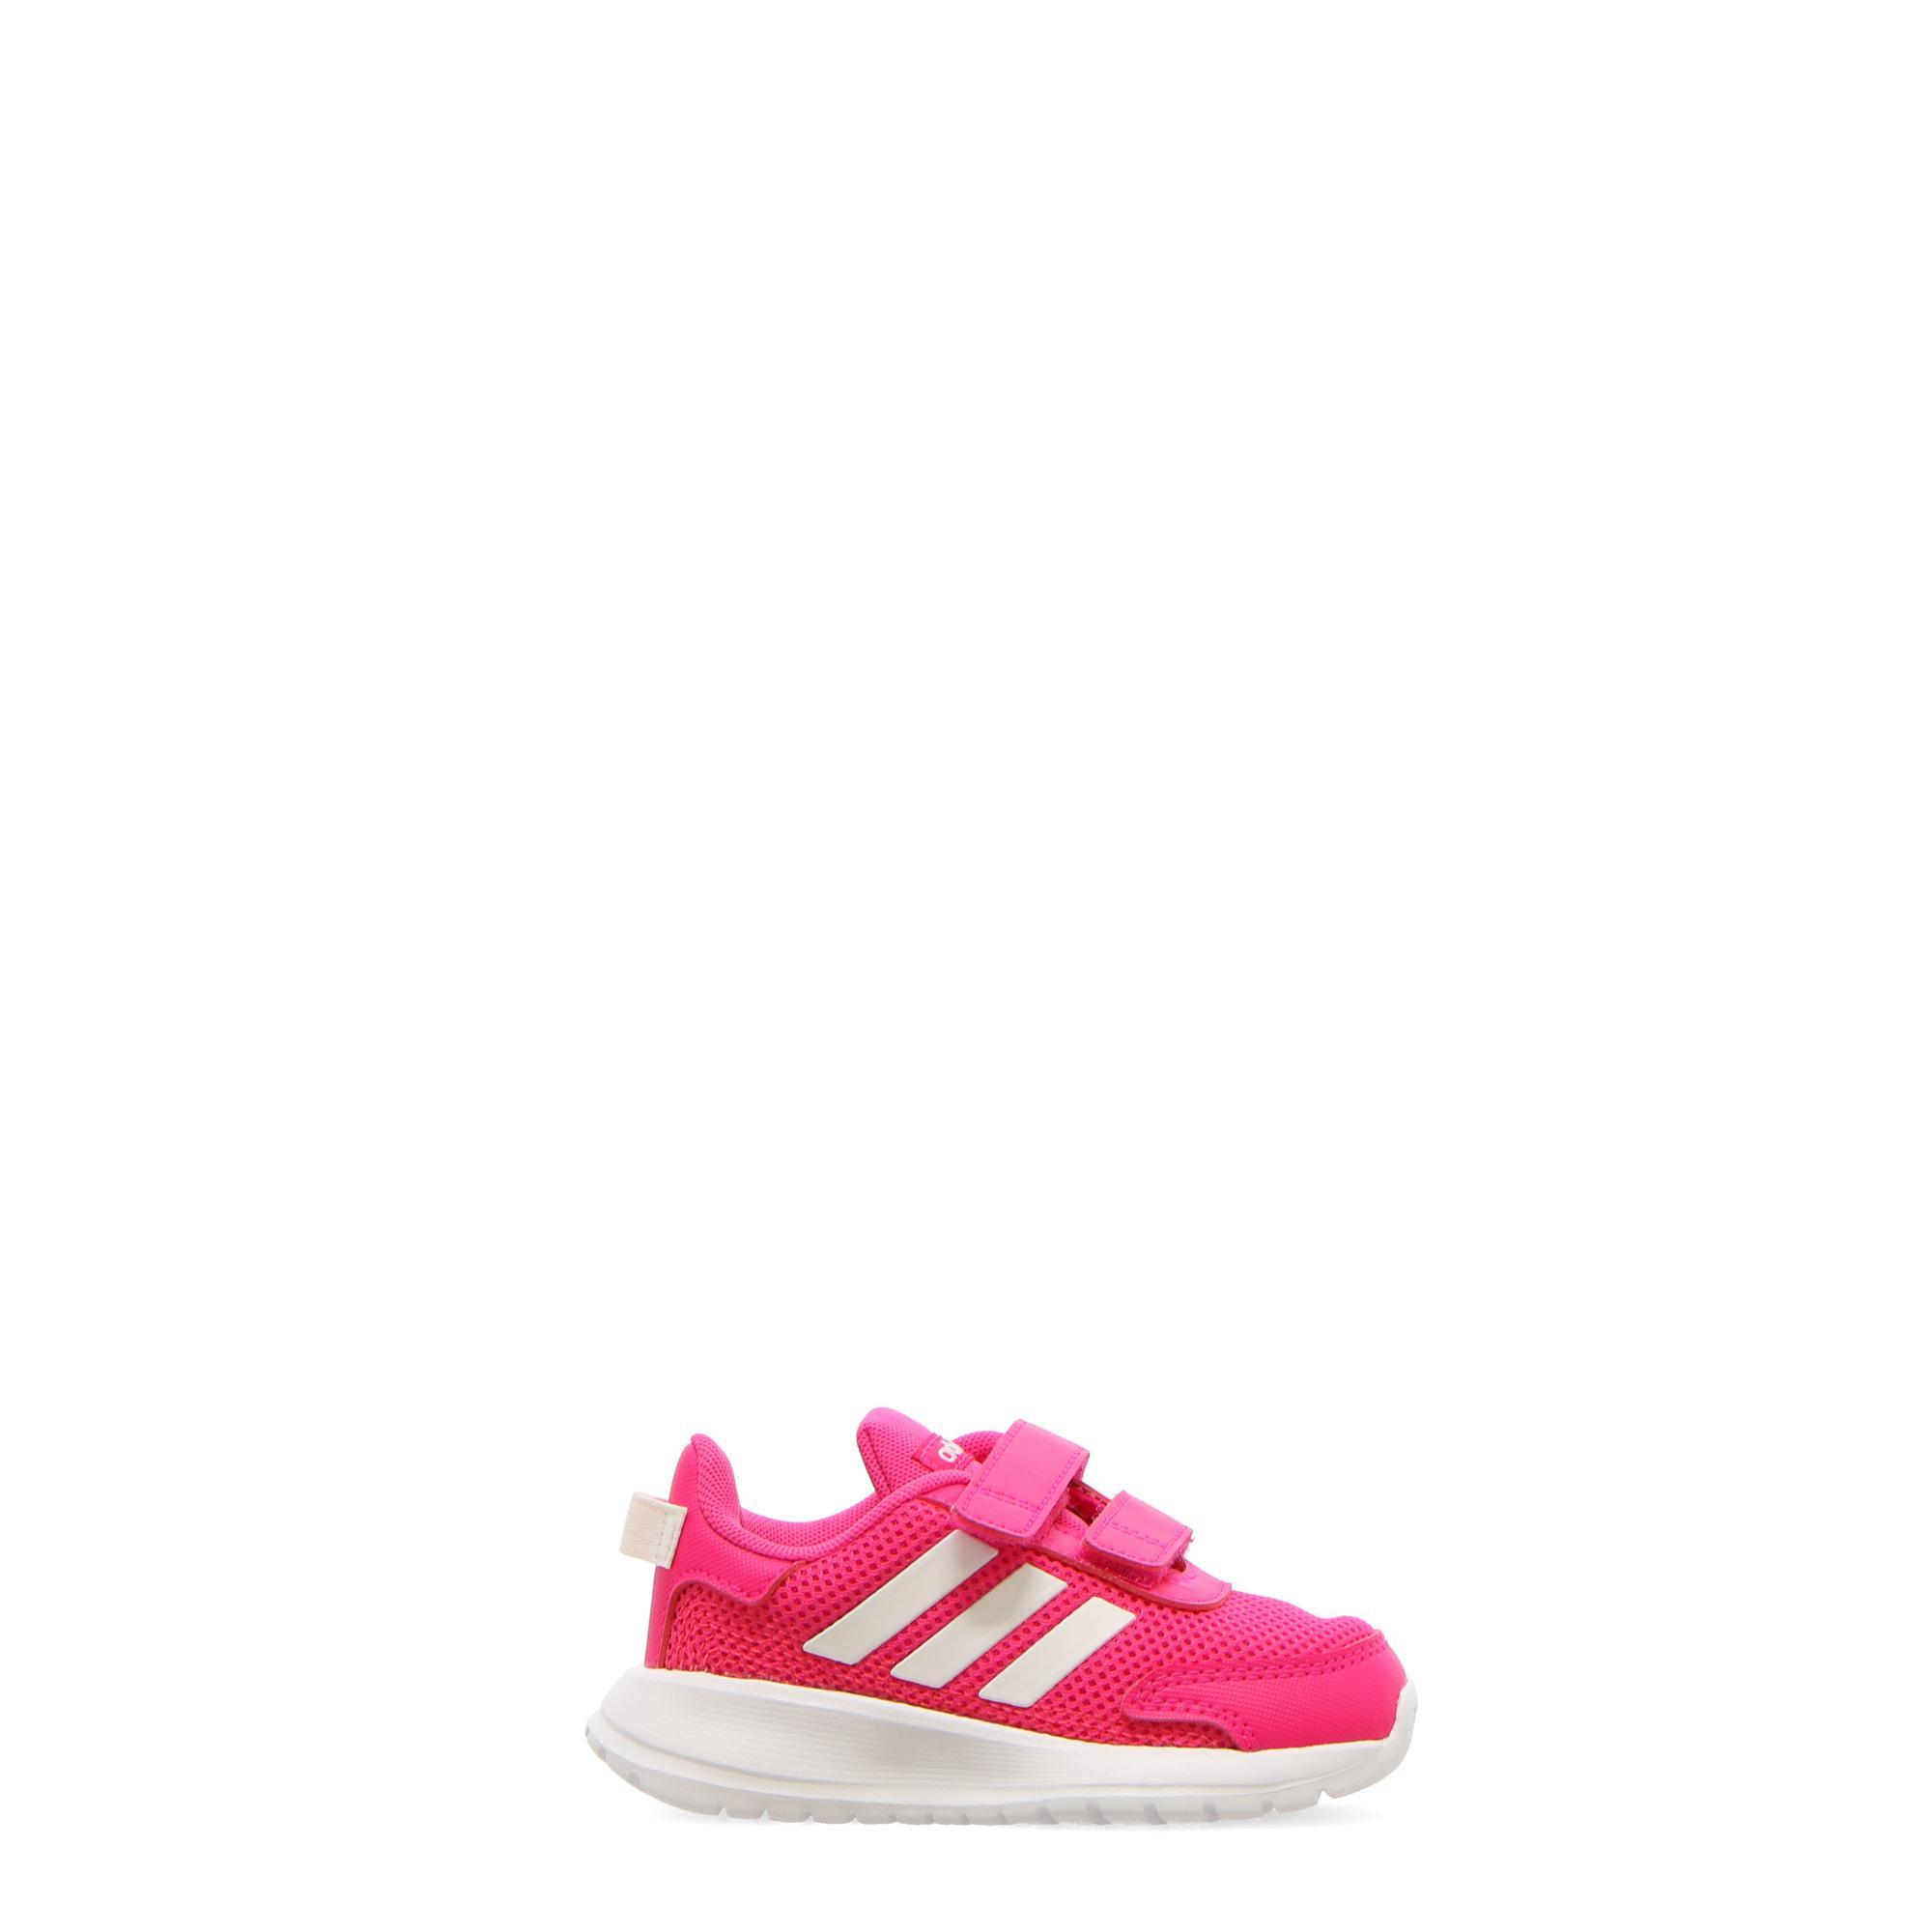 Adidas Tensaur Run I Shock pink white shock red